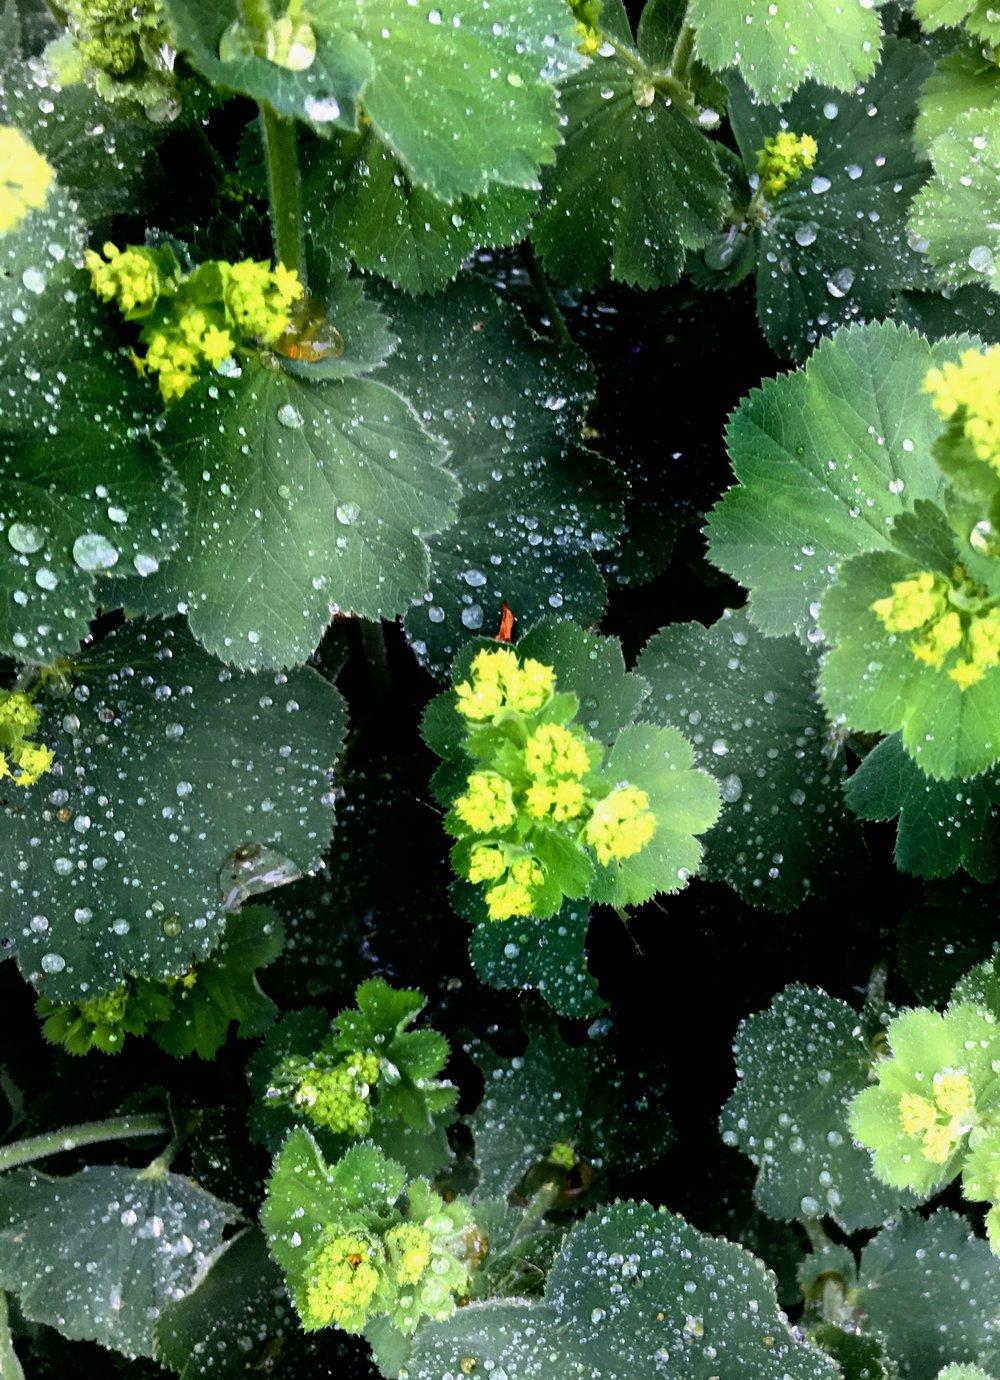 Løvefod er en virkelig fin staude, som passer til alting, er nem at have med at gøre og er god i buketter. Den er ekstra smuk, når det lige har regnet og dråberne bliver liggende på bladene. Klip dine løvefod ned, inden du tager på sommerferie, hvis det er lidt hen i juli (og vand godt). Så skyder planten igen og ser frisk ud i efteråret. Måske får den endda en gang blomster mere.